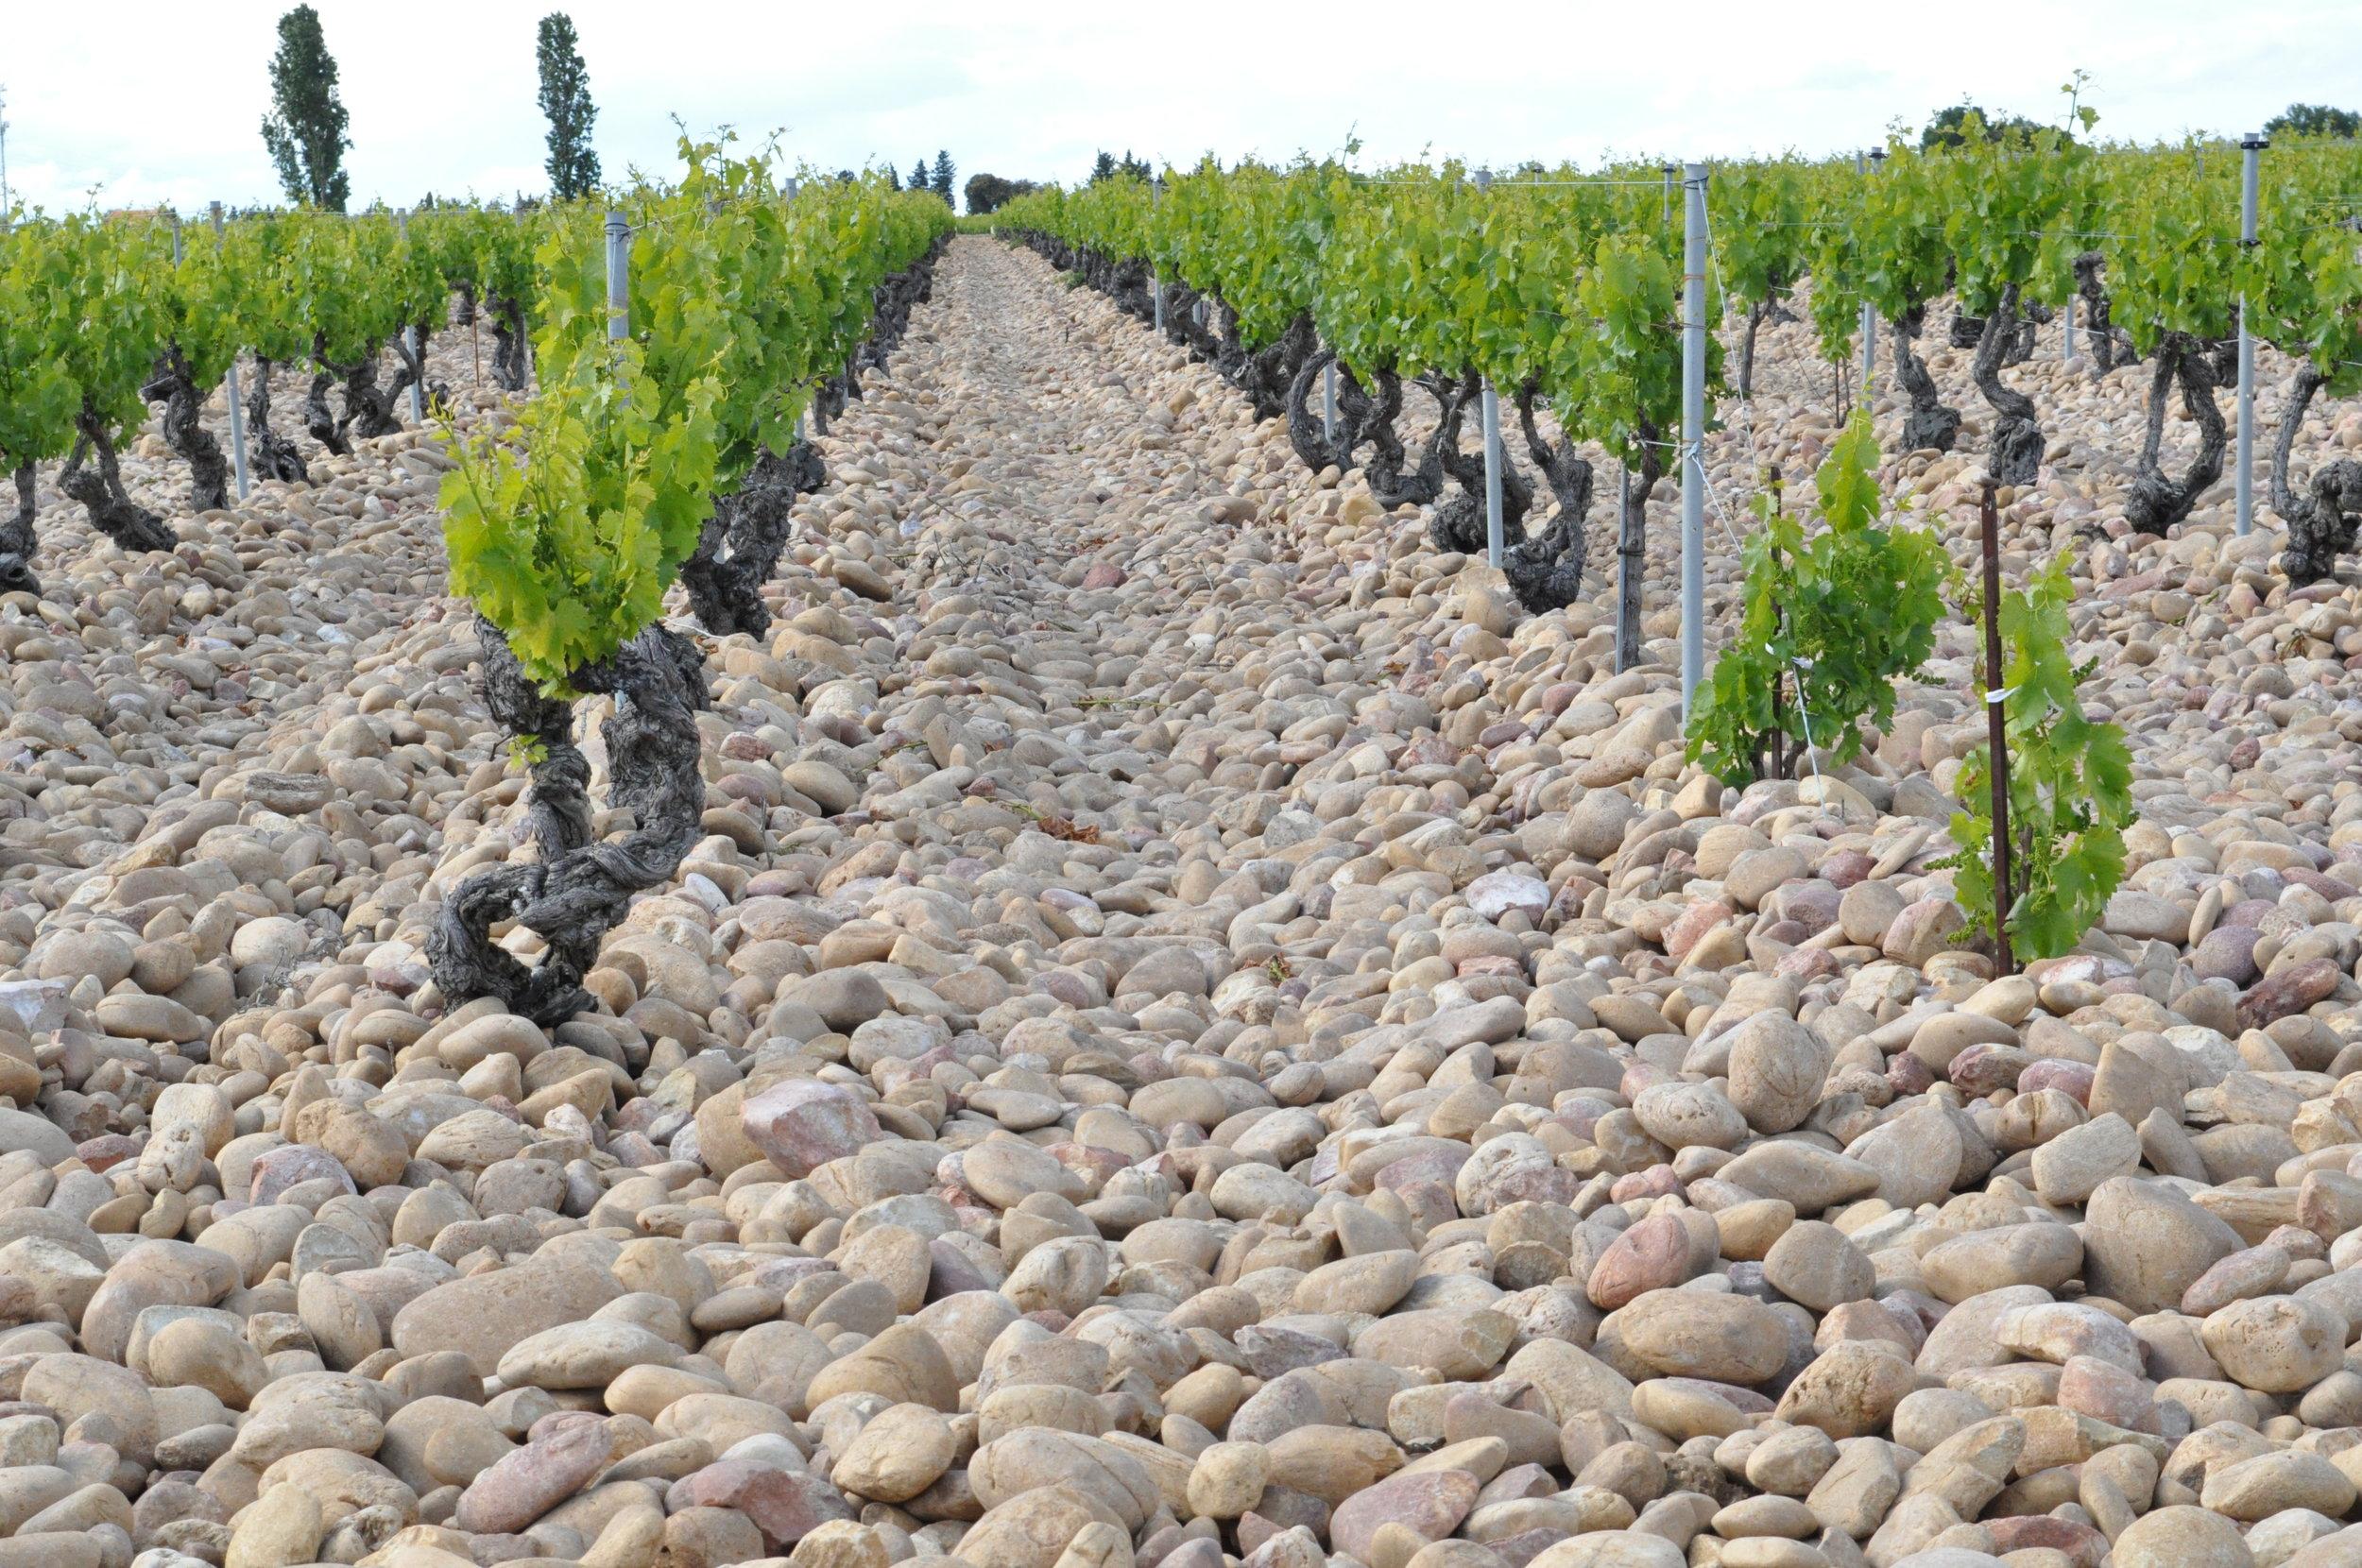 The famous Châteauneuf-du Pape galets stones